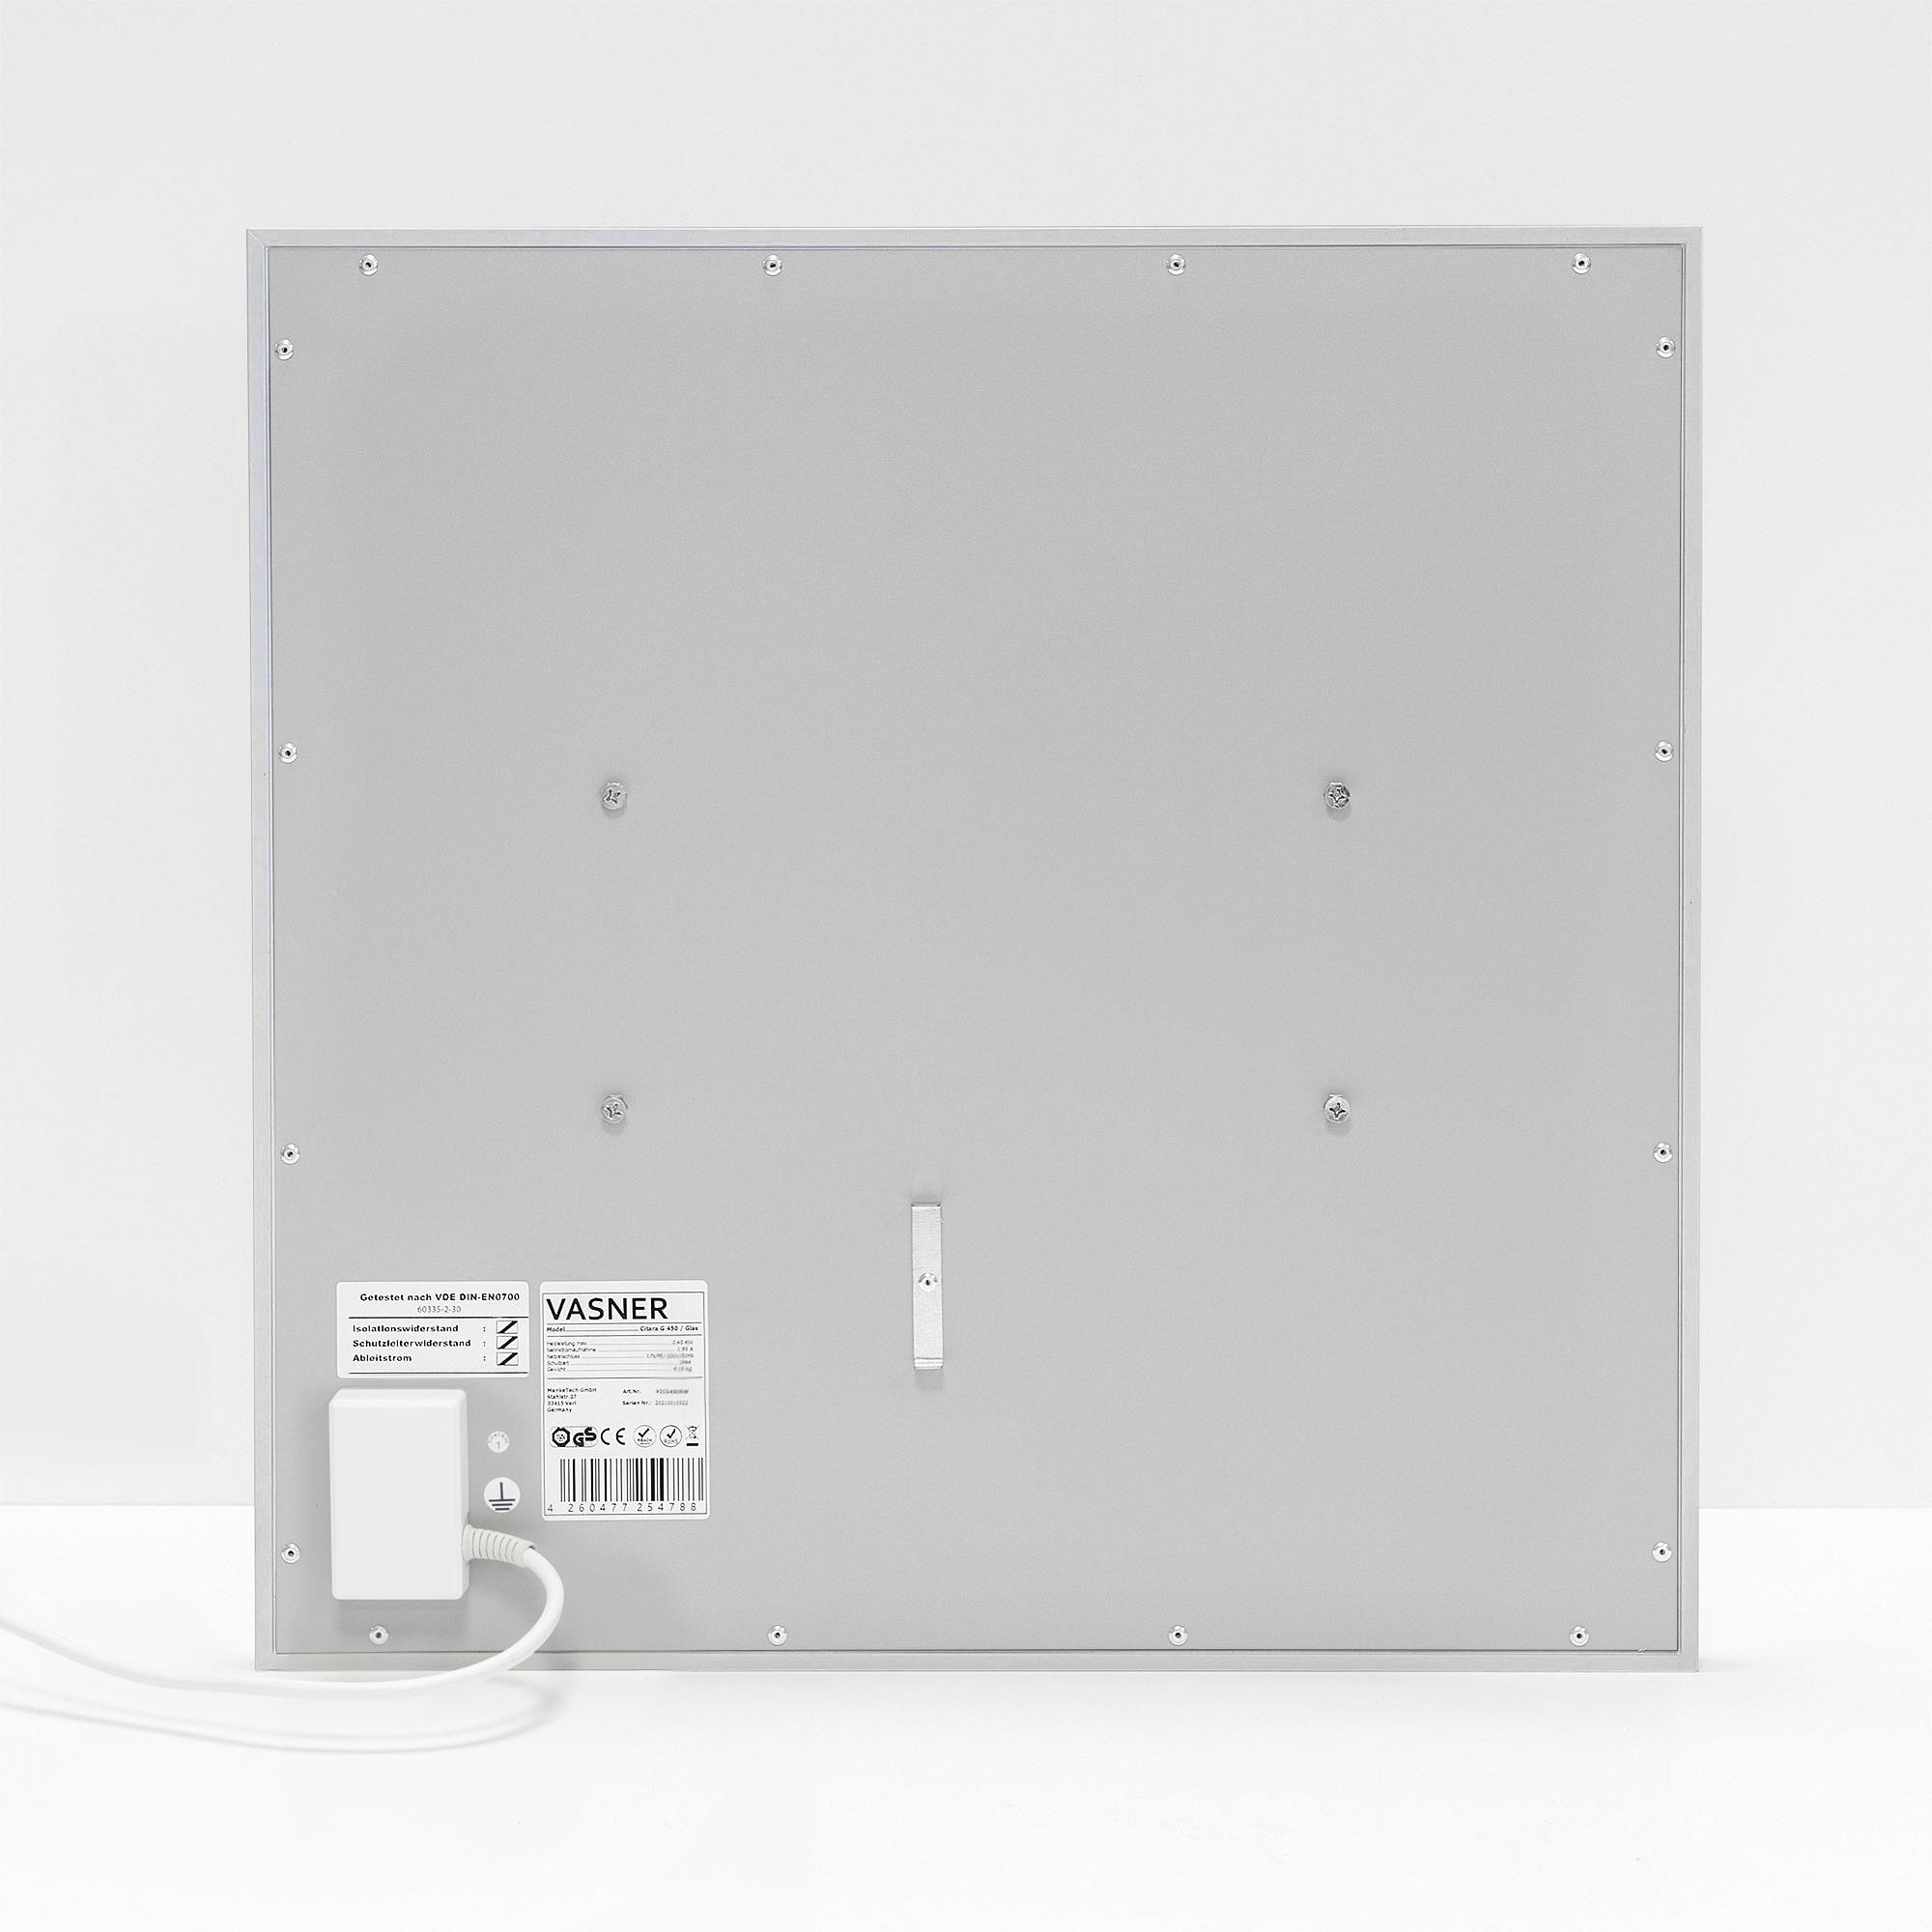 Glas Infrarotheizung mit spezieller Rückseiten Isolierung für noch effizienteres Heizen